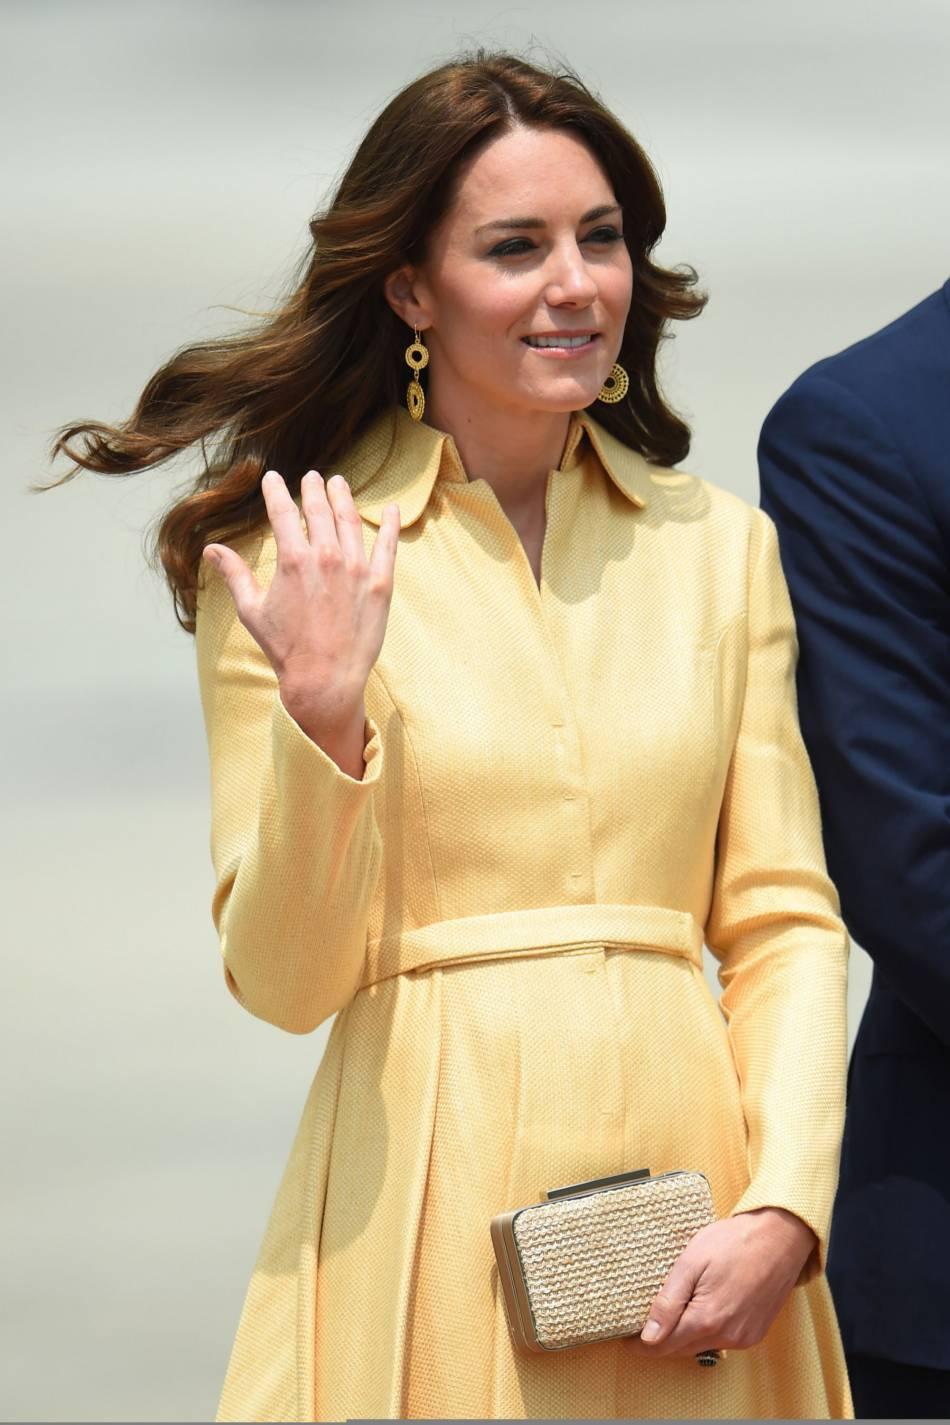 La duchesse de Cambridge est admirée pour son style impeccable et intemporel.